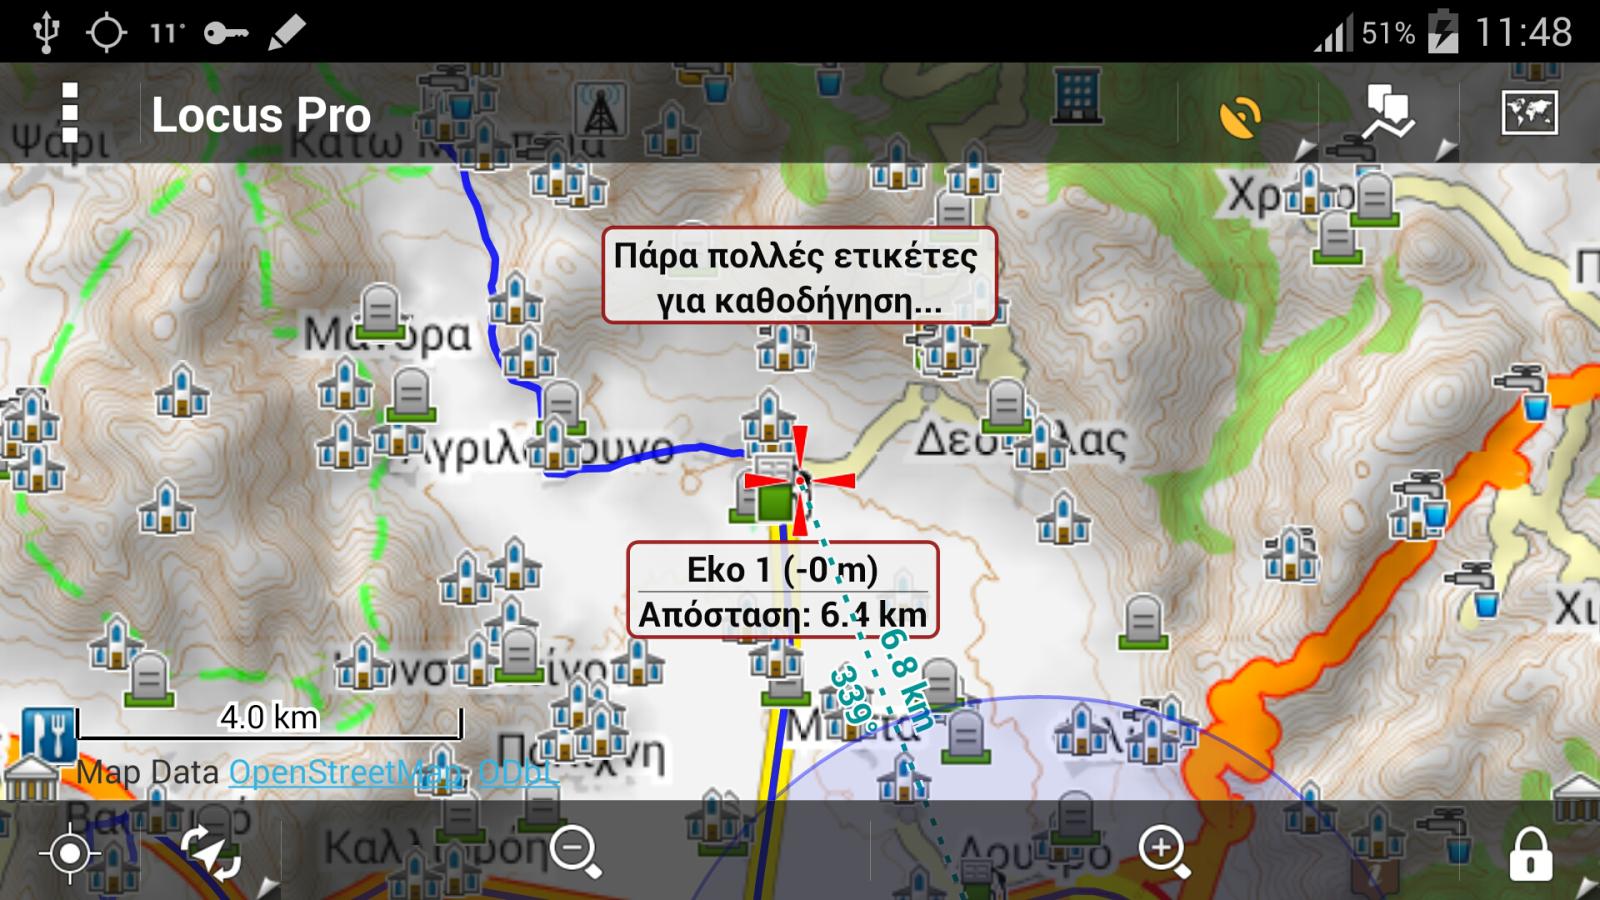 Locus Maps Πλοήγηση με χάρτες επικάλυψης! - Σελίδα 2 E8uafp